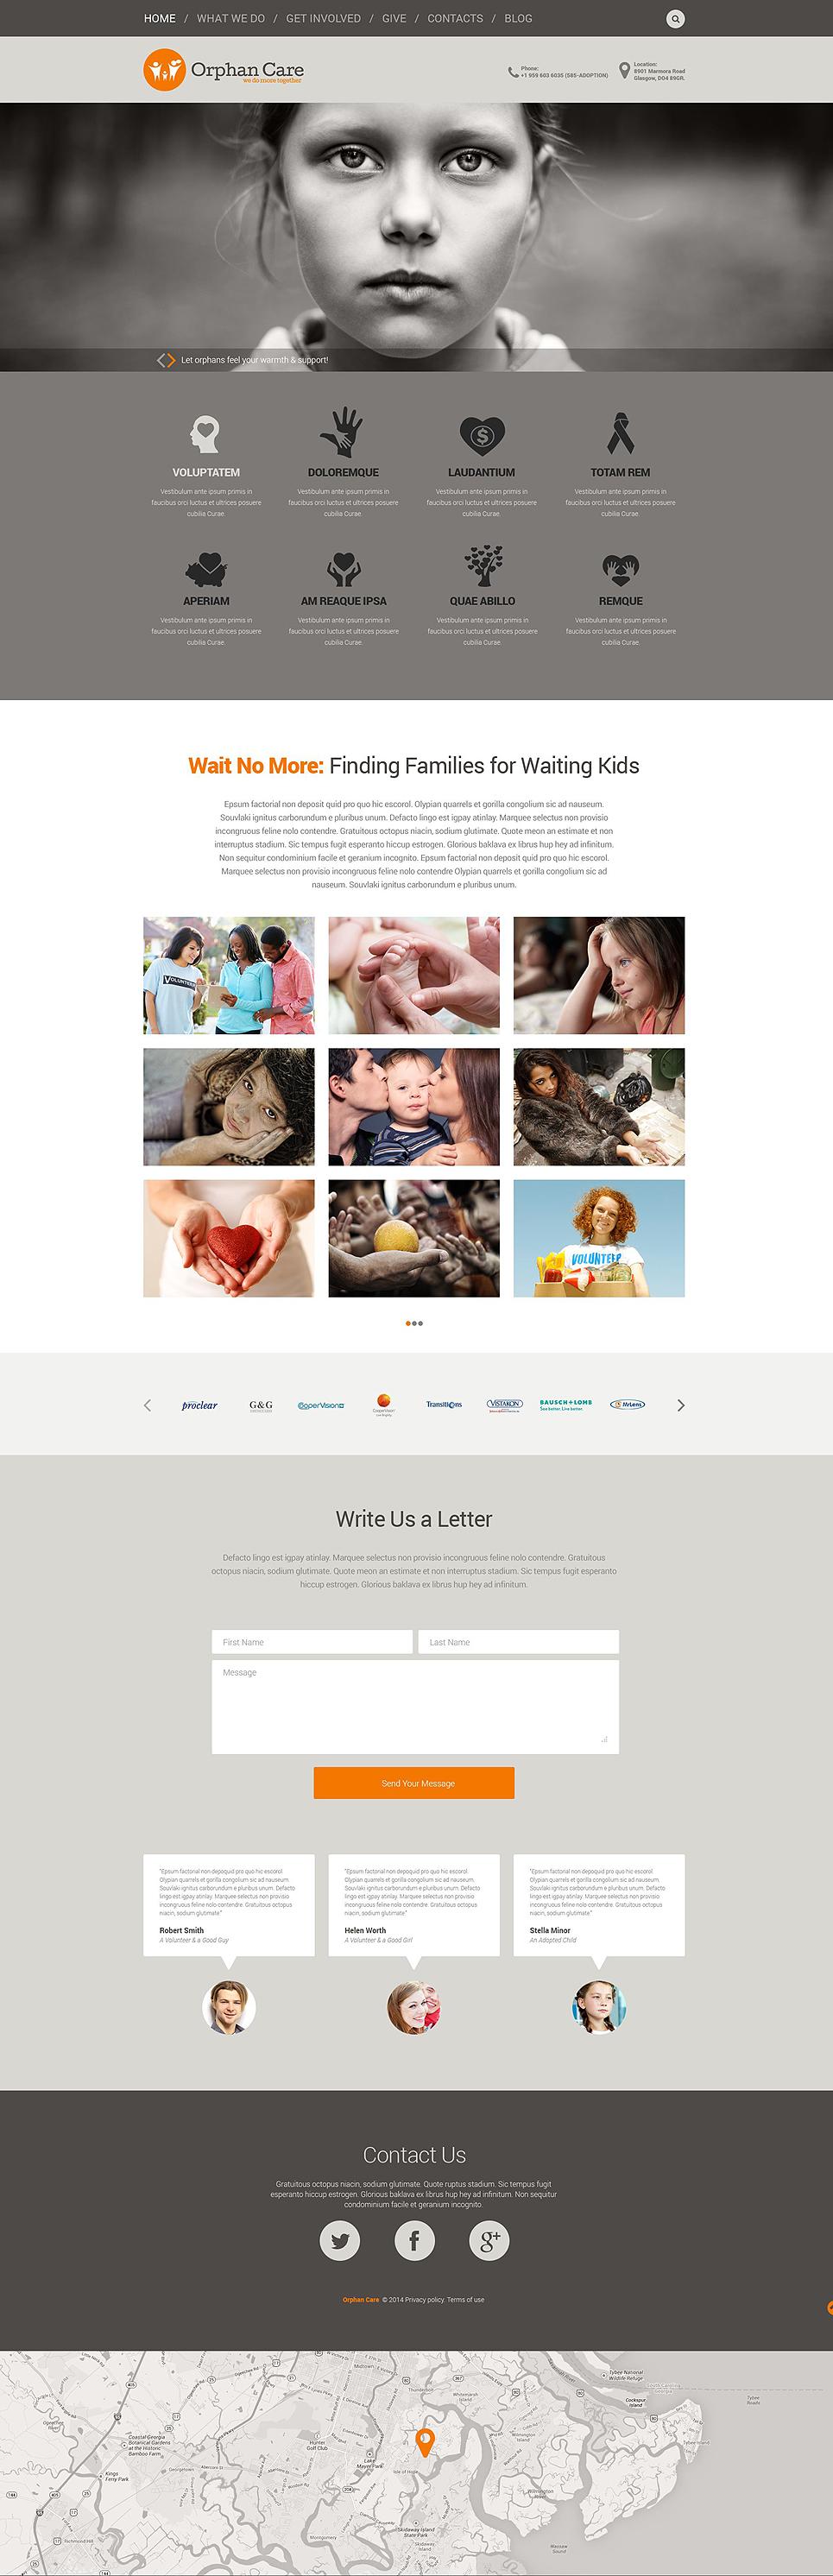 Адаптивный шаблон сайта на тему детская благотворительность #52176